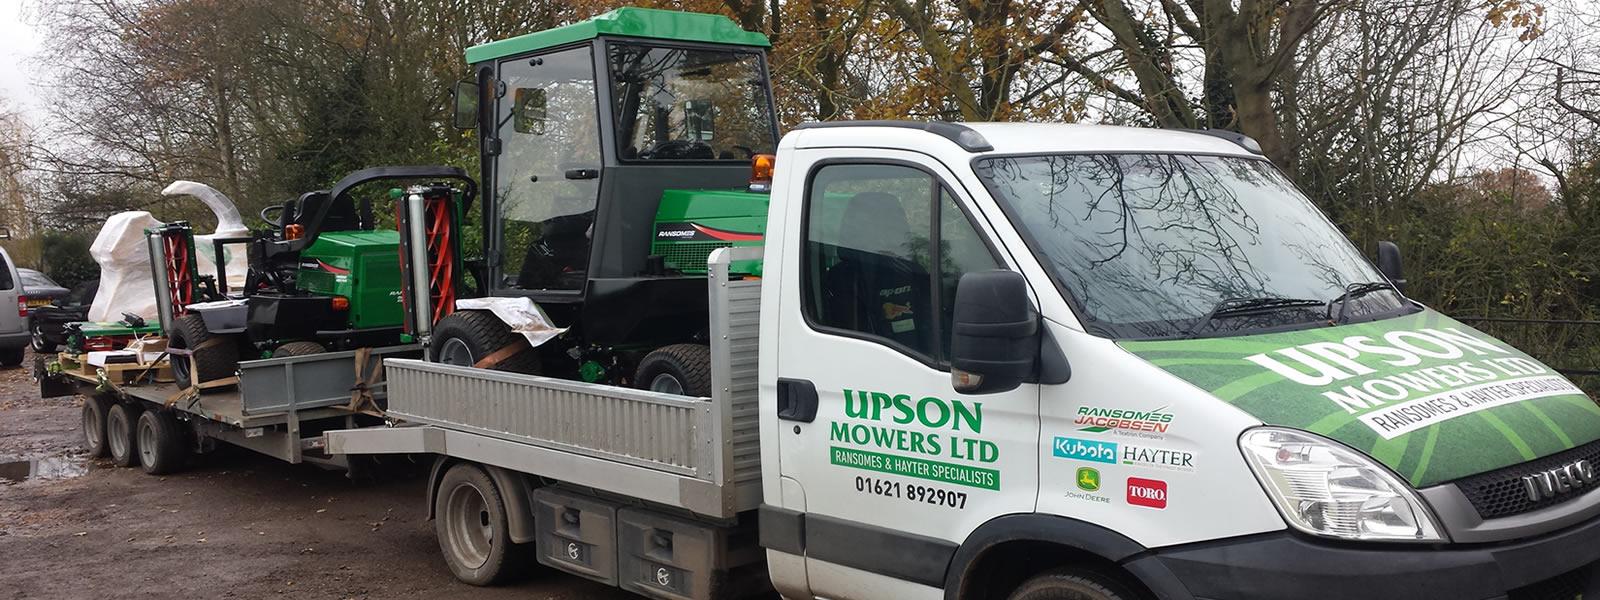 upson-mowers-van-pulling-skarper-c90